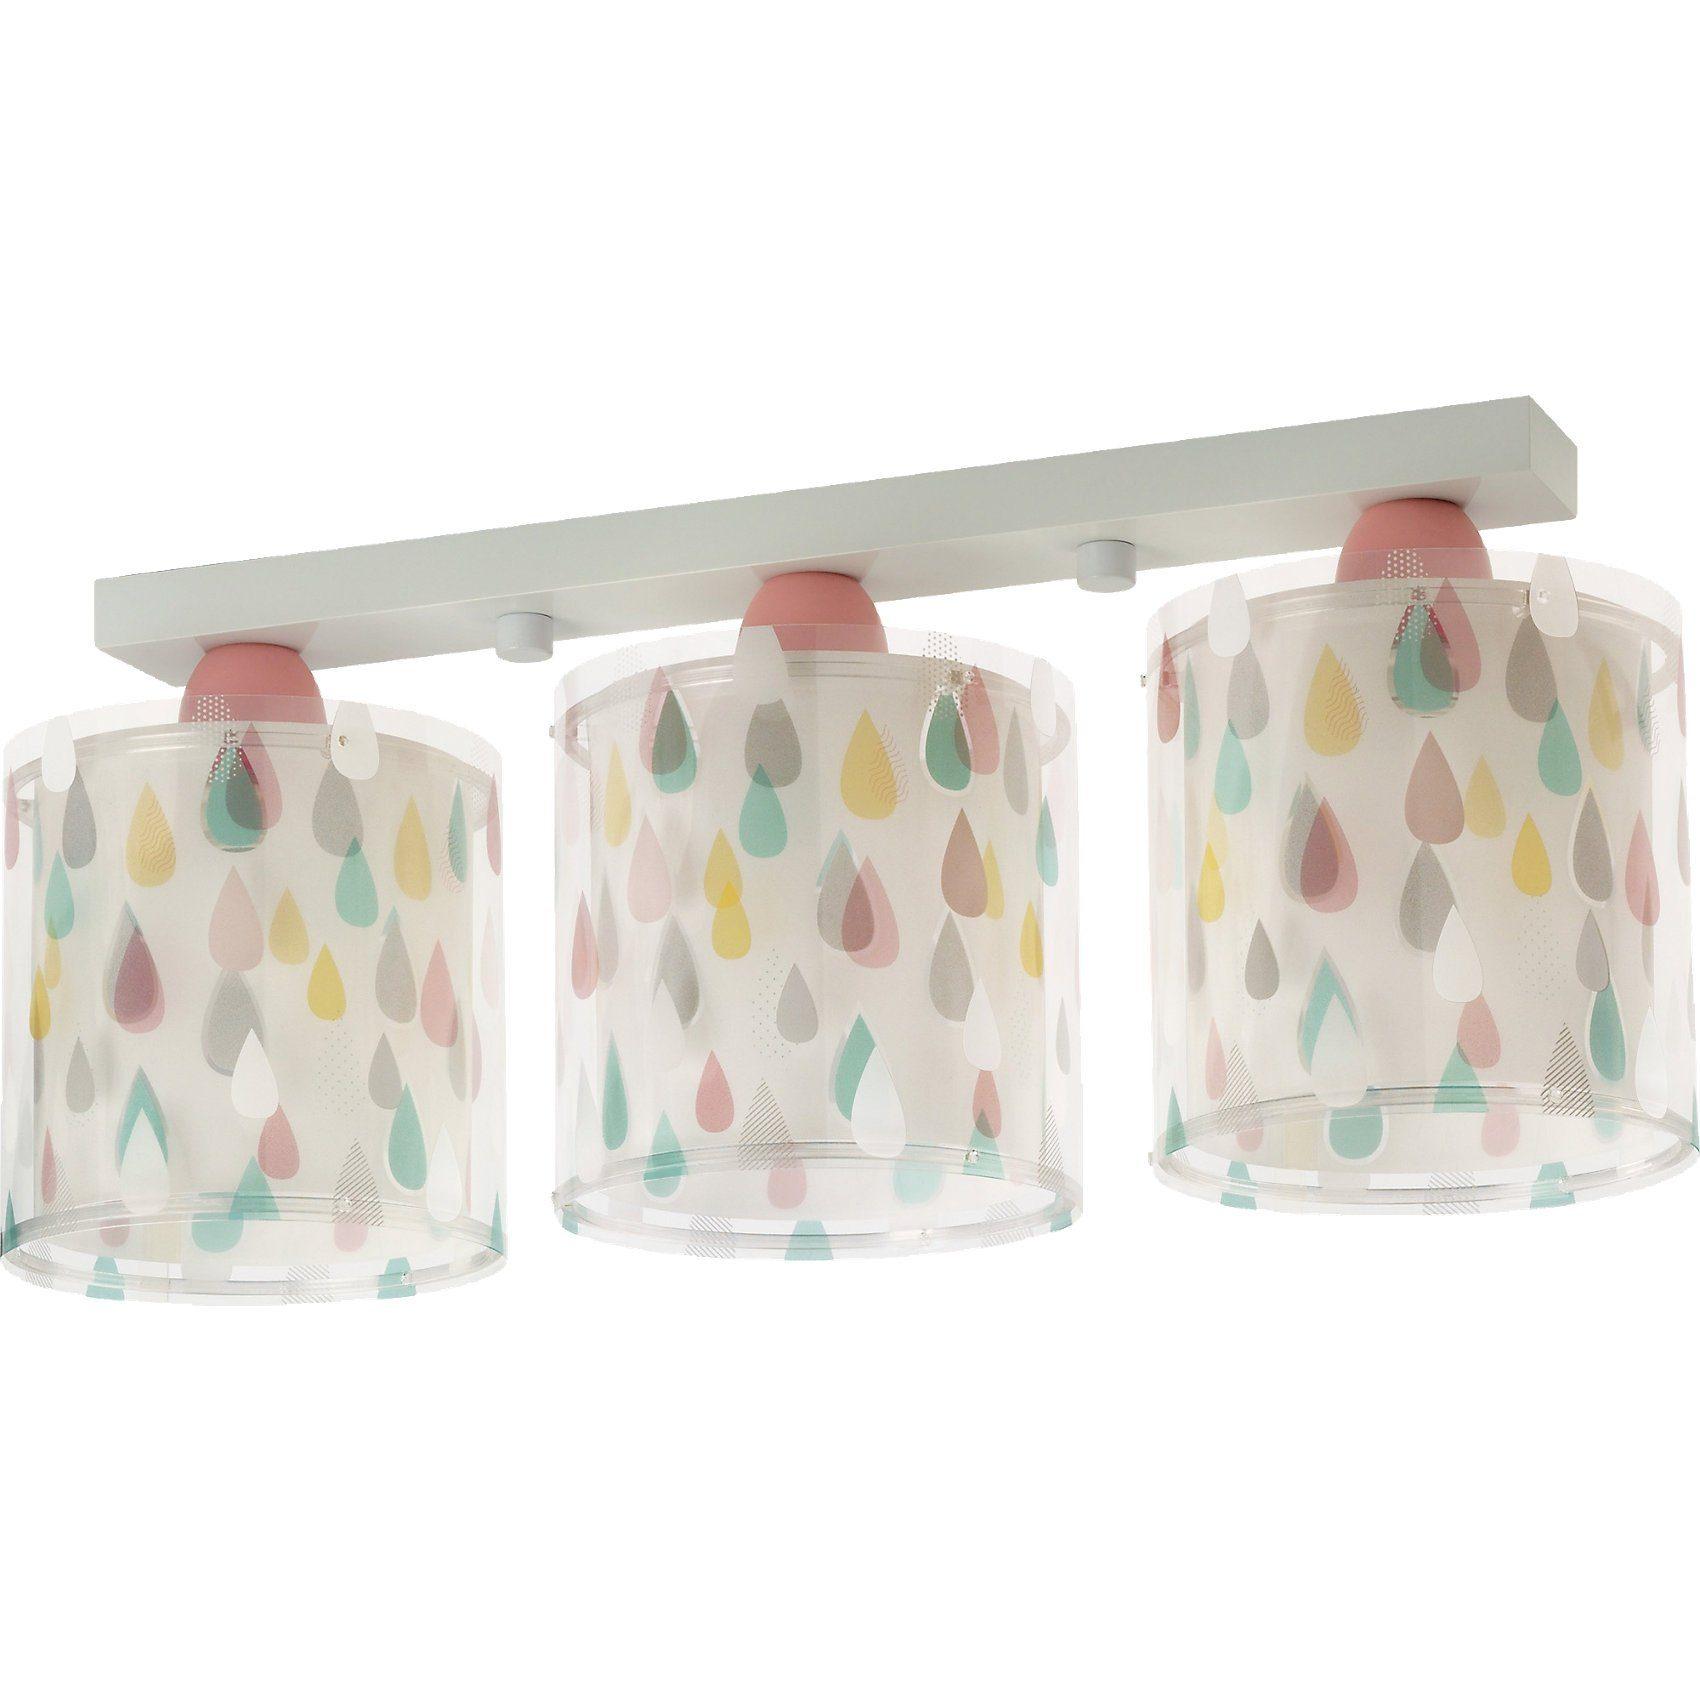 Dalber Deckenlampe Regentropfen, pastellfarben